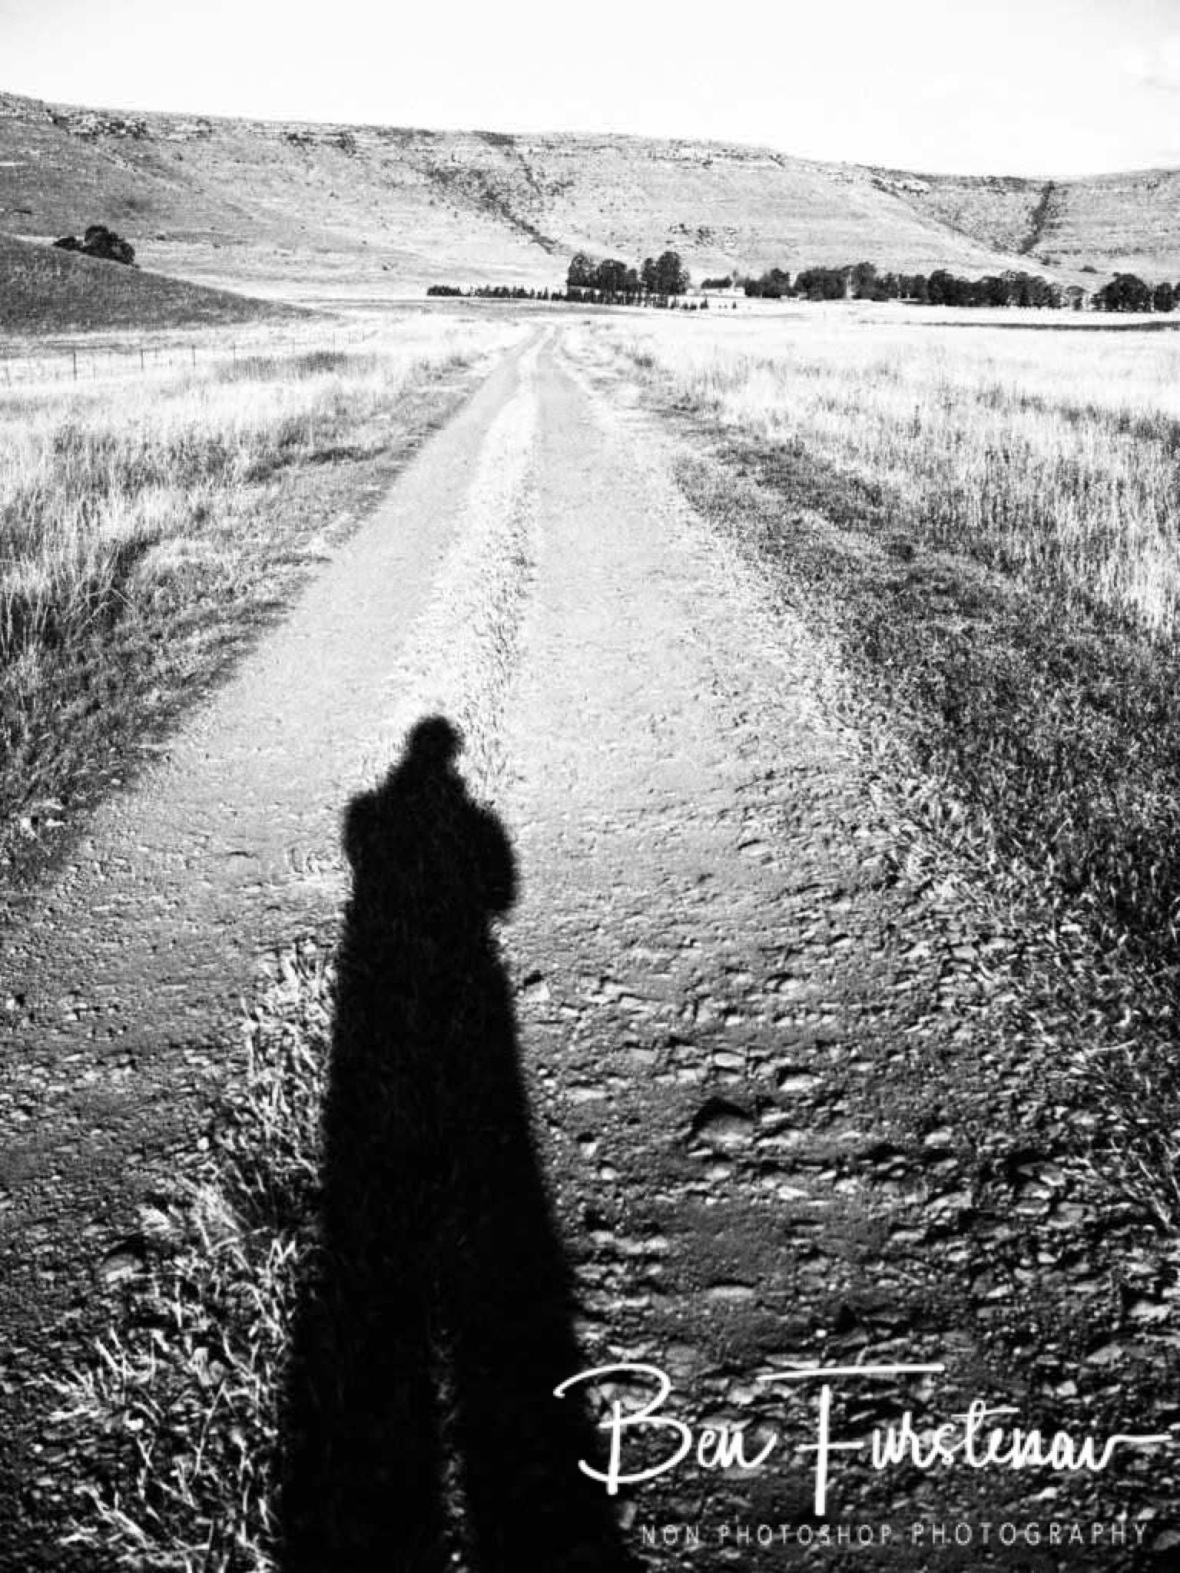 Shadows on the track, Maarmanshoek